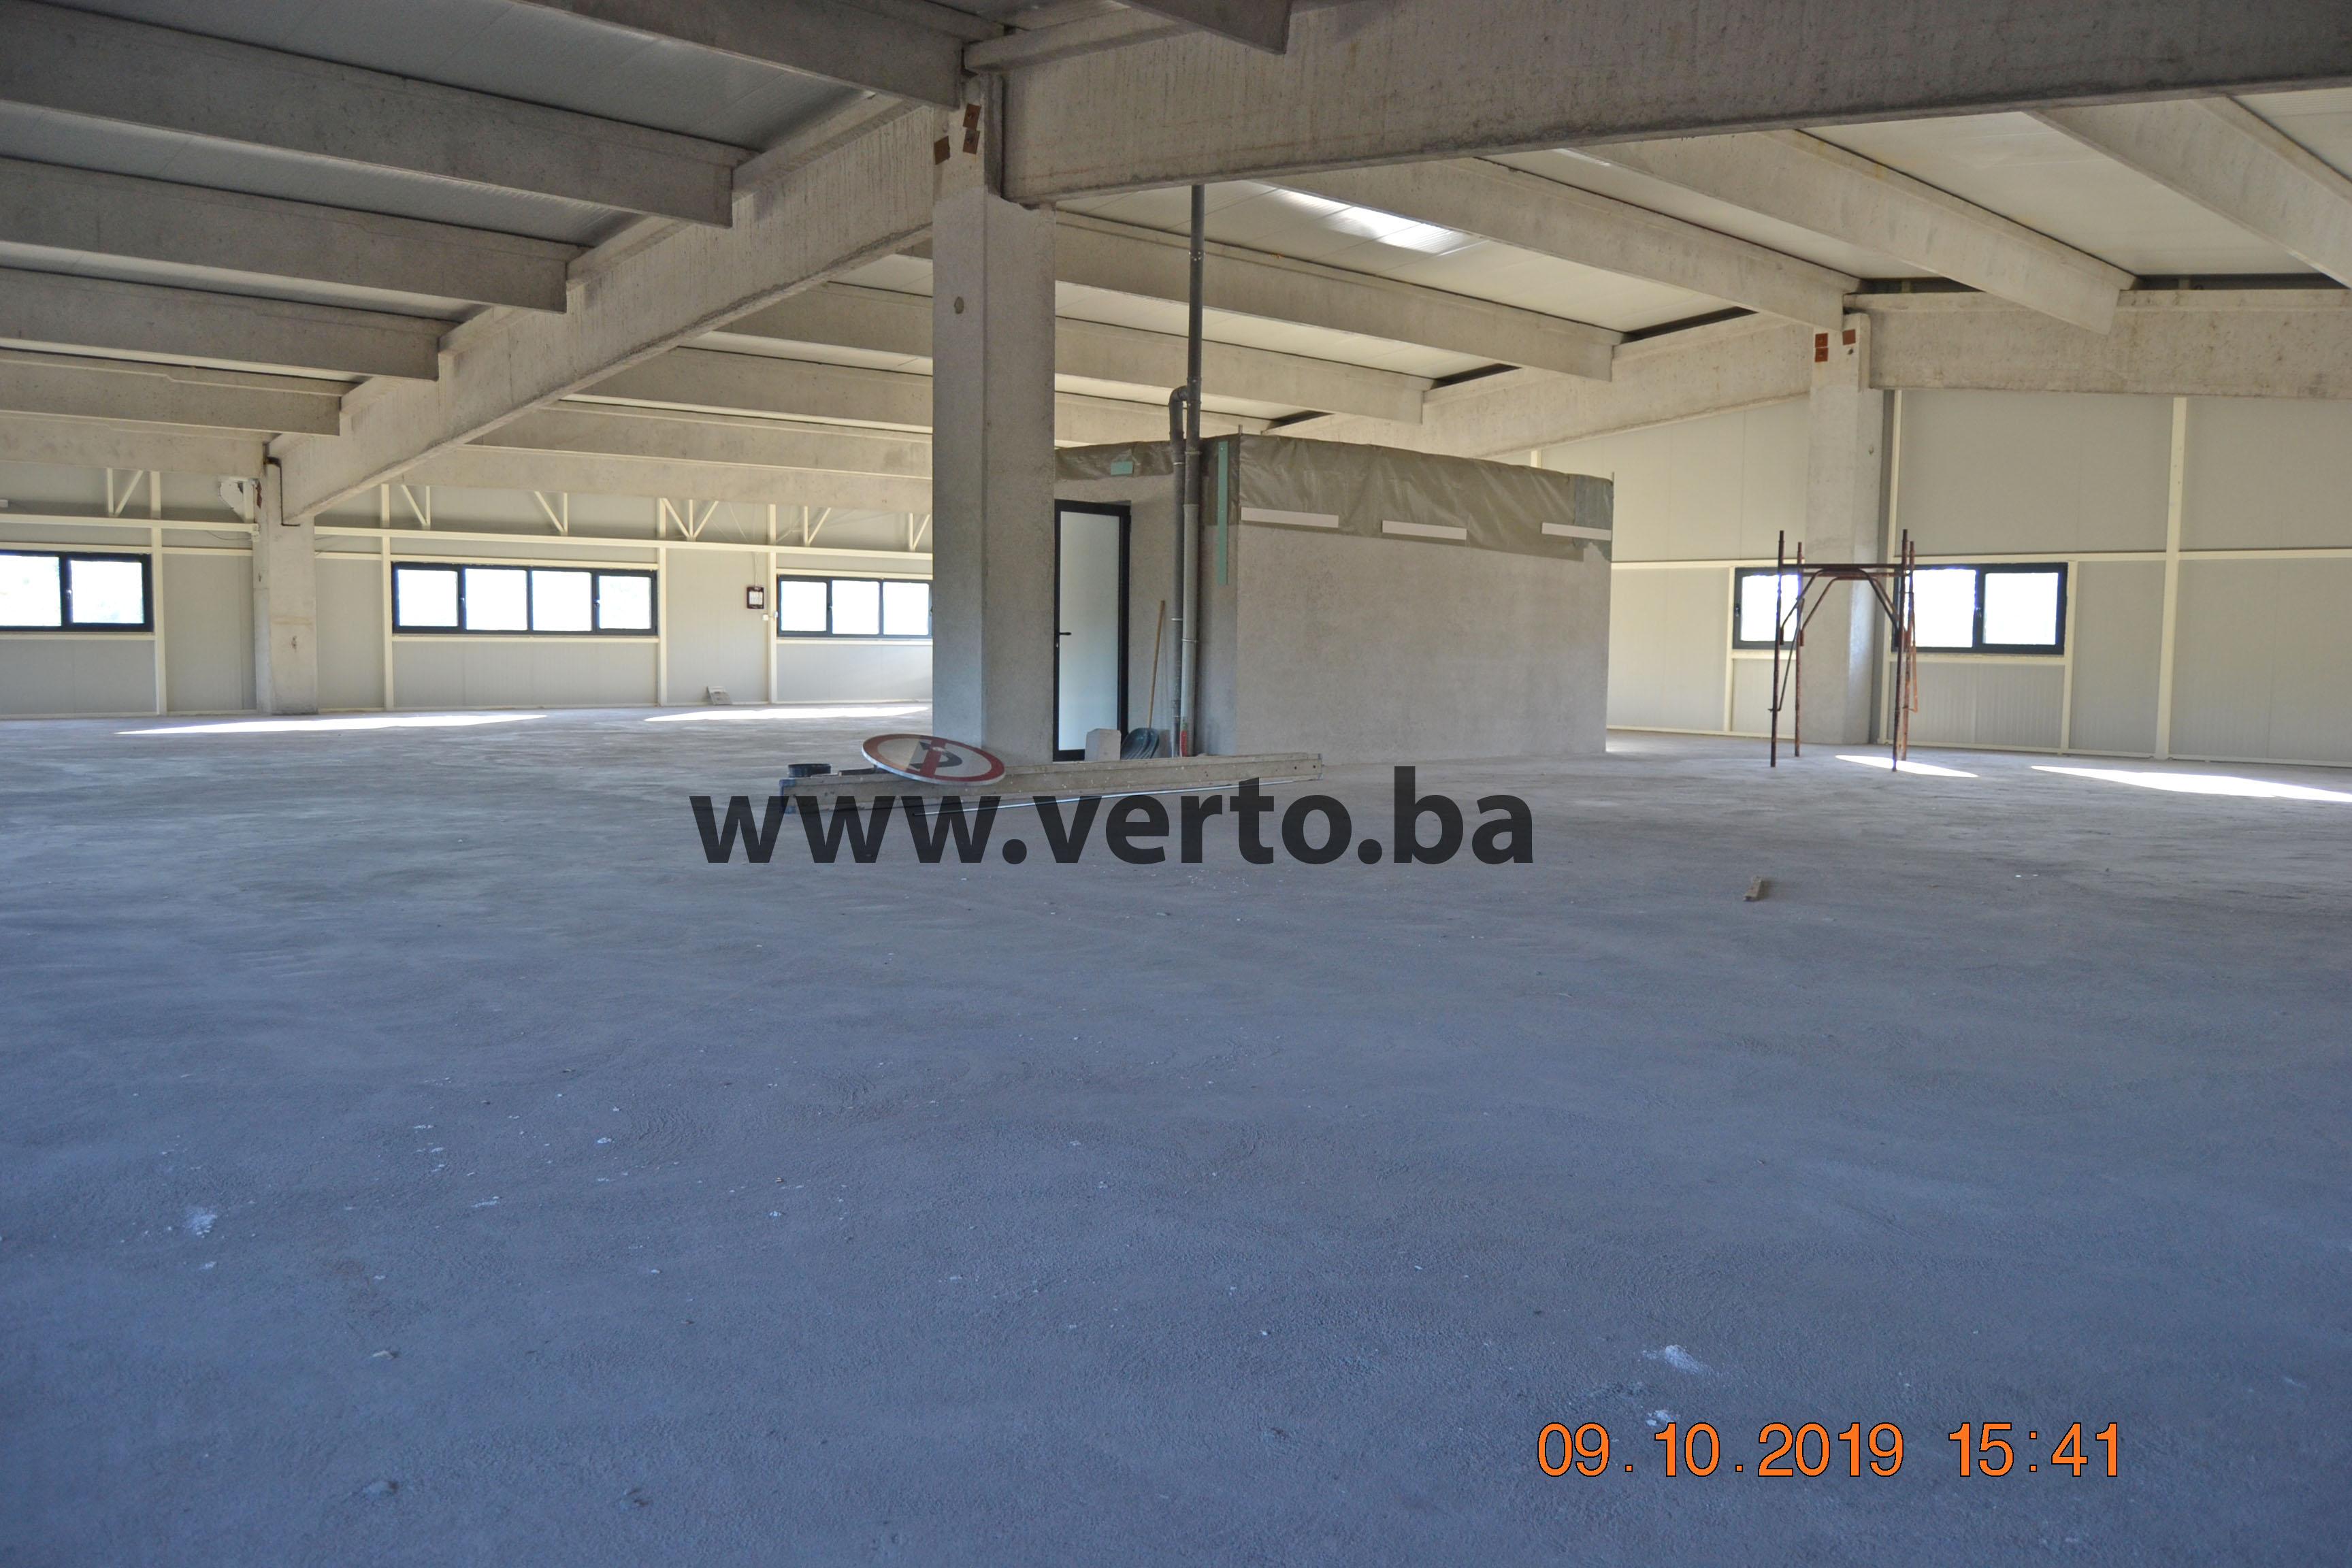 Poslovni prostor, površine 720 m2 na odličnoj lokaciji pored magistralnog puta M4 Tuzla – Lukavac